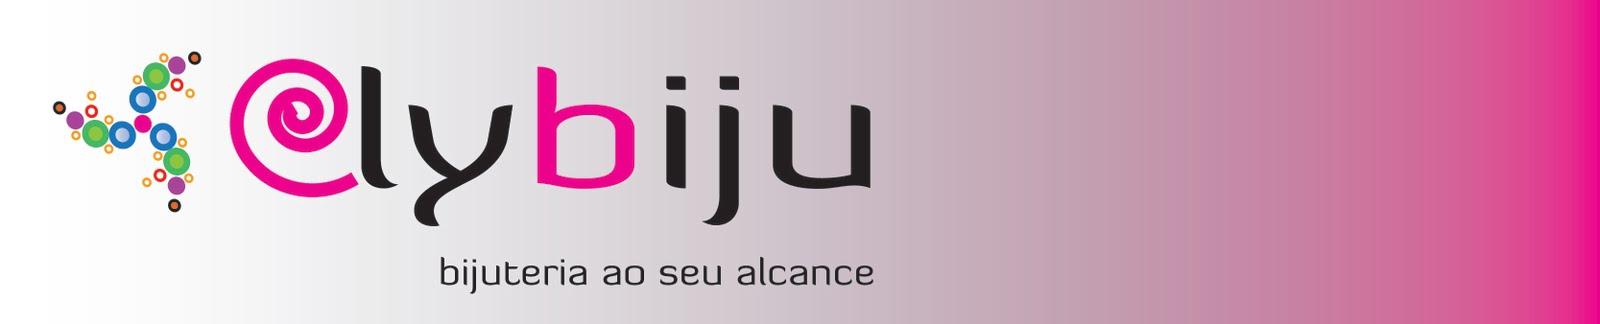 Ely Biju